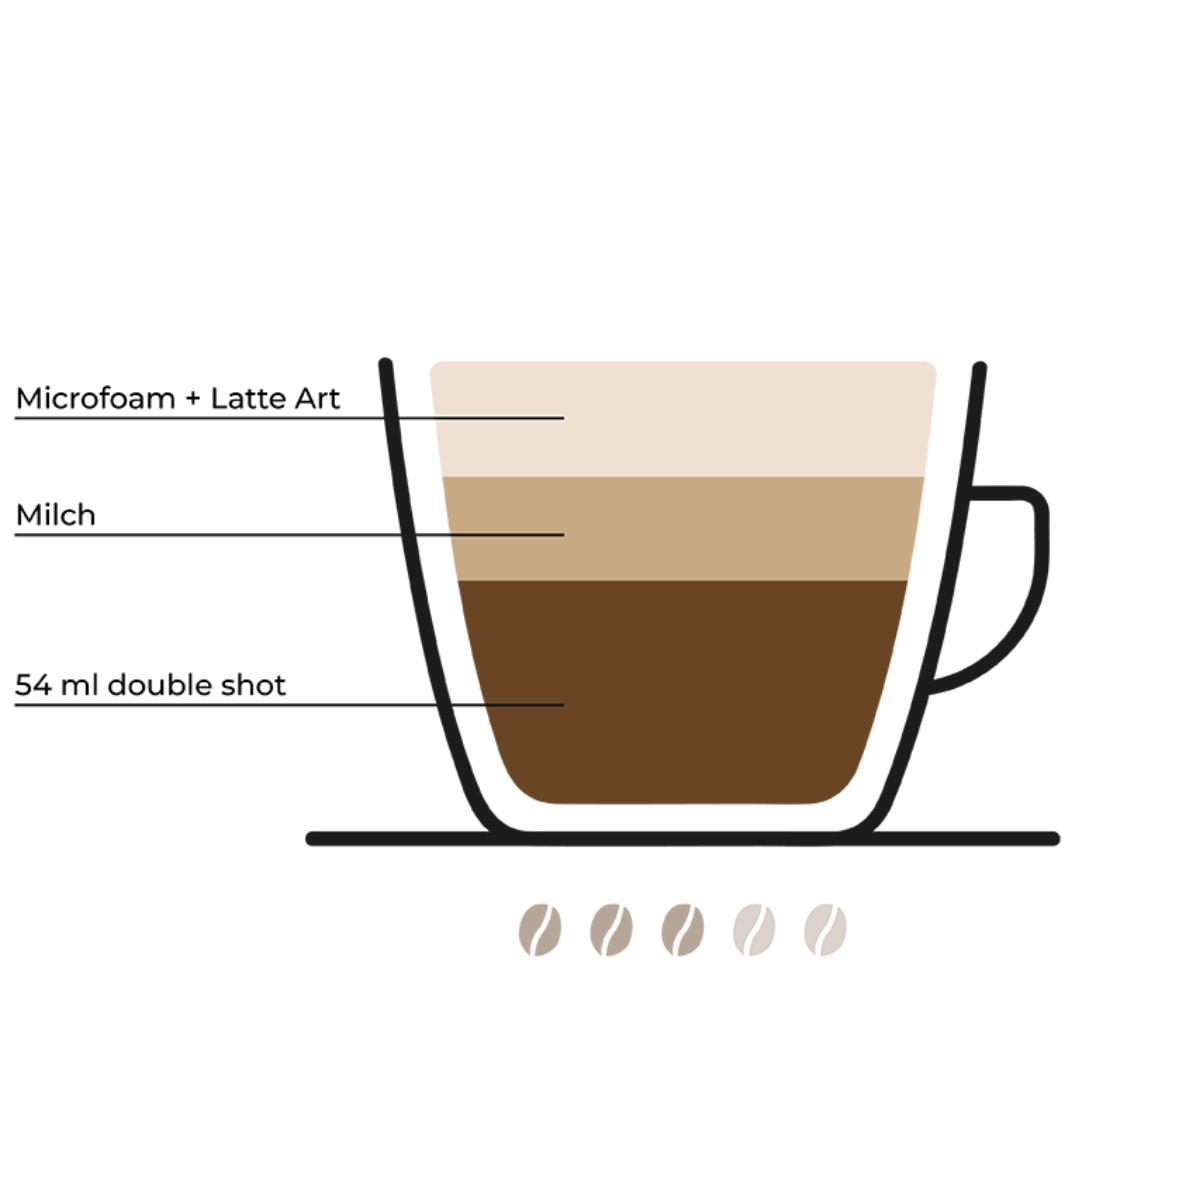 Kaffeetrends (1)